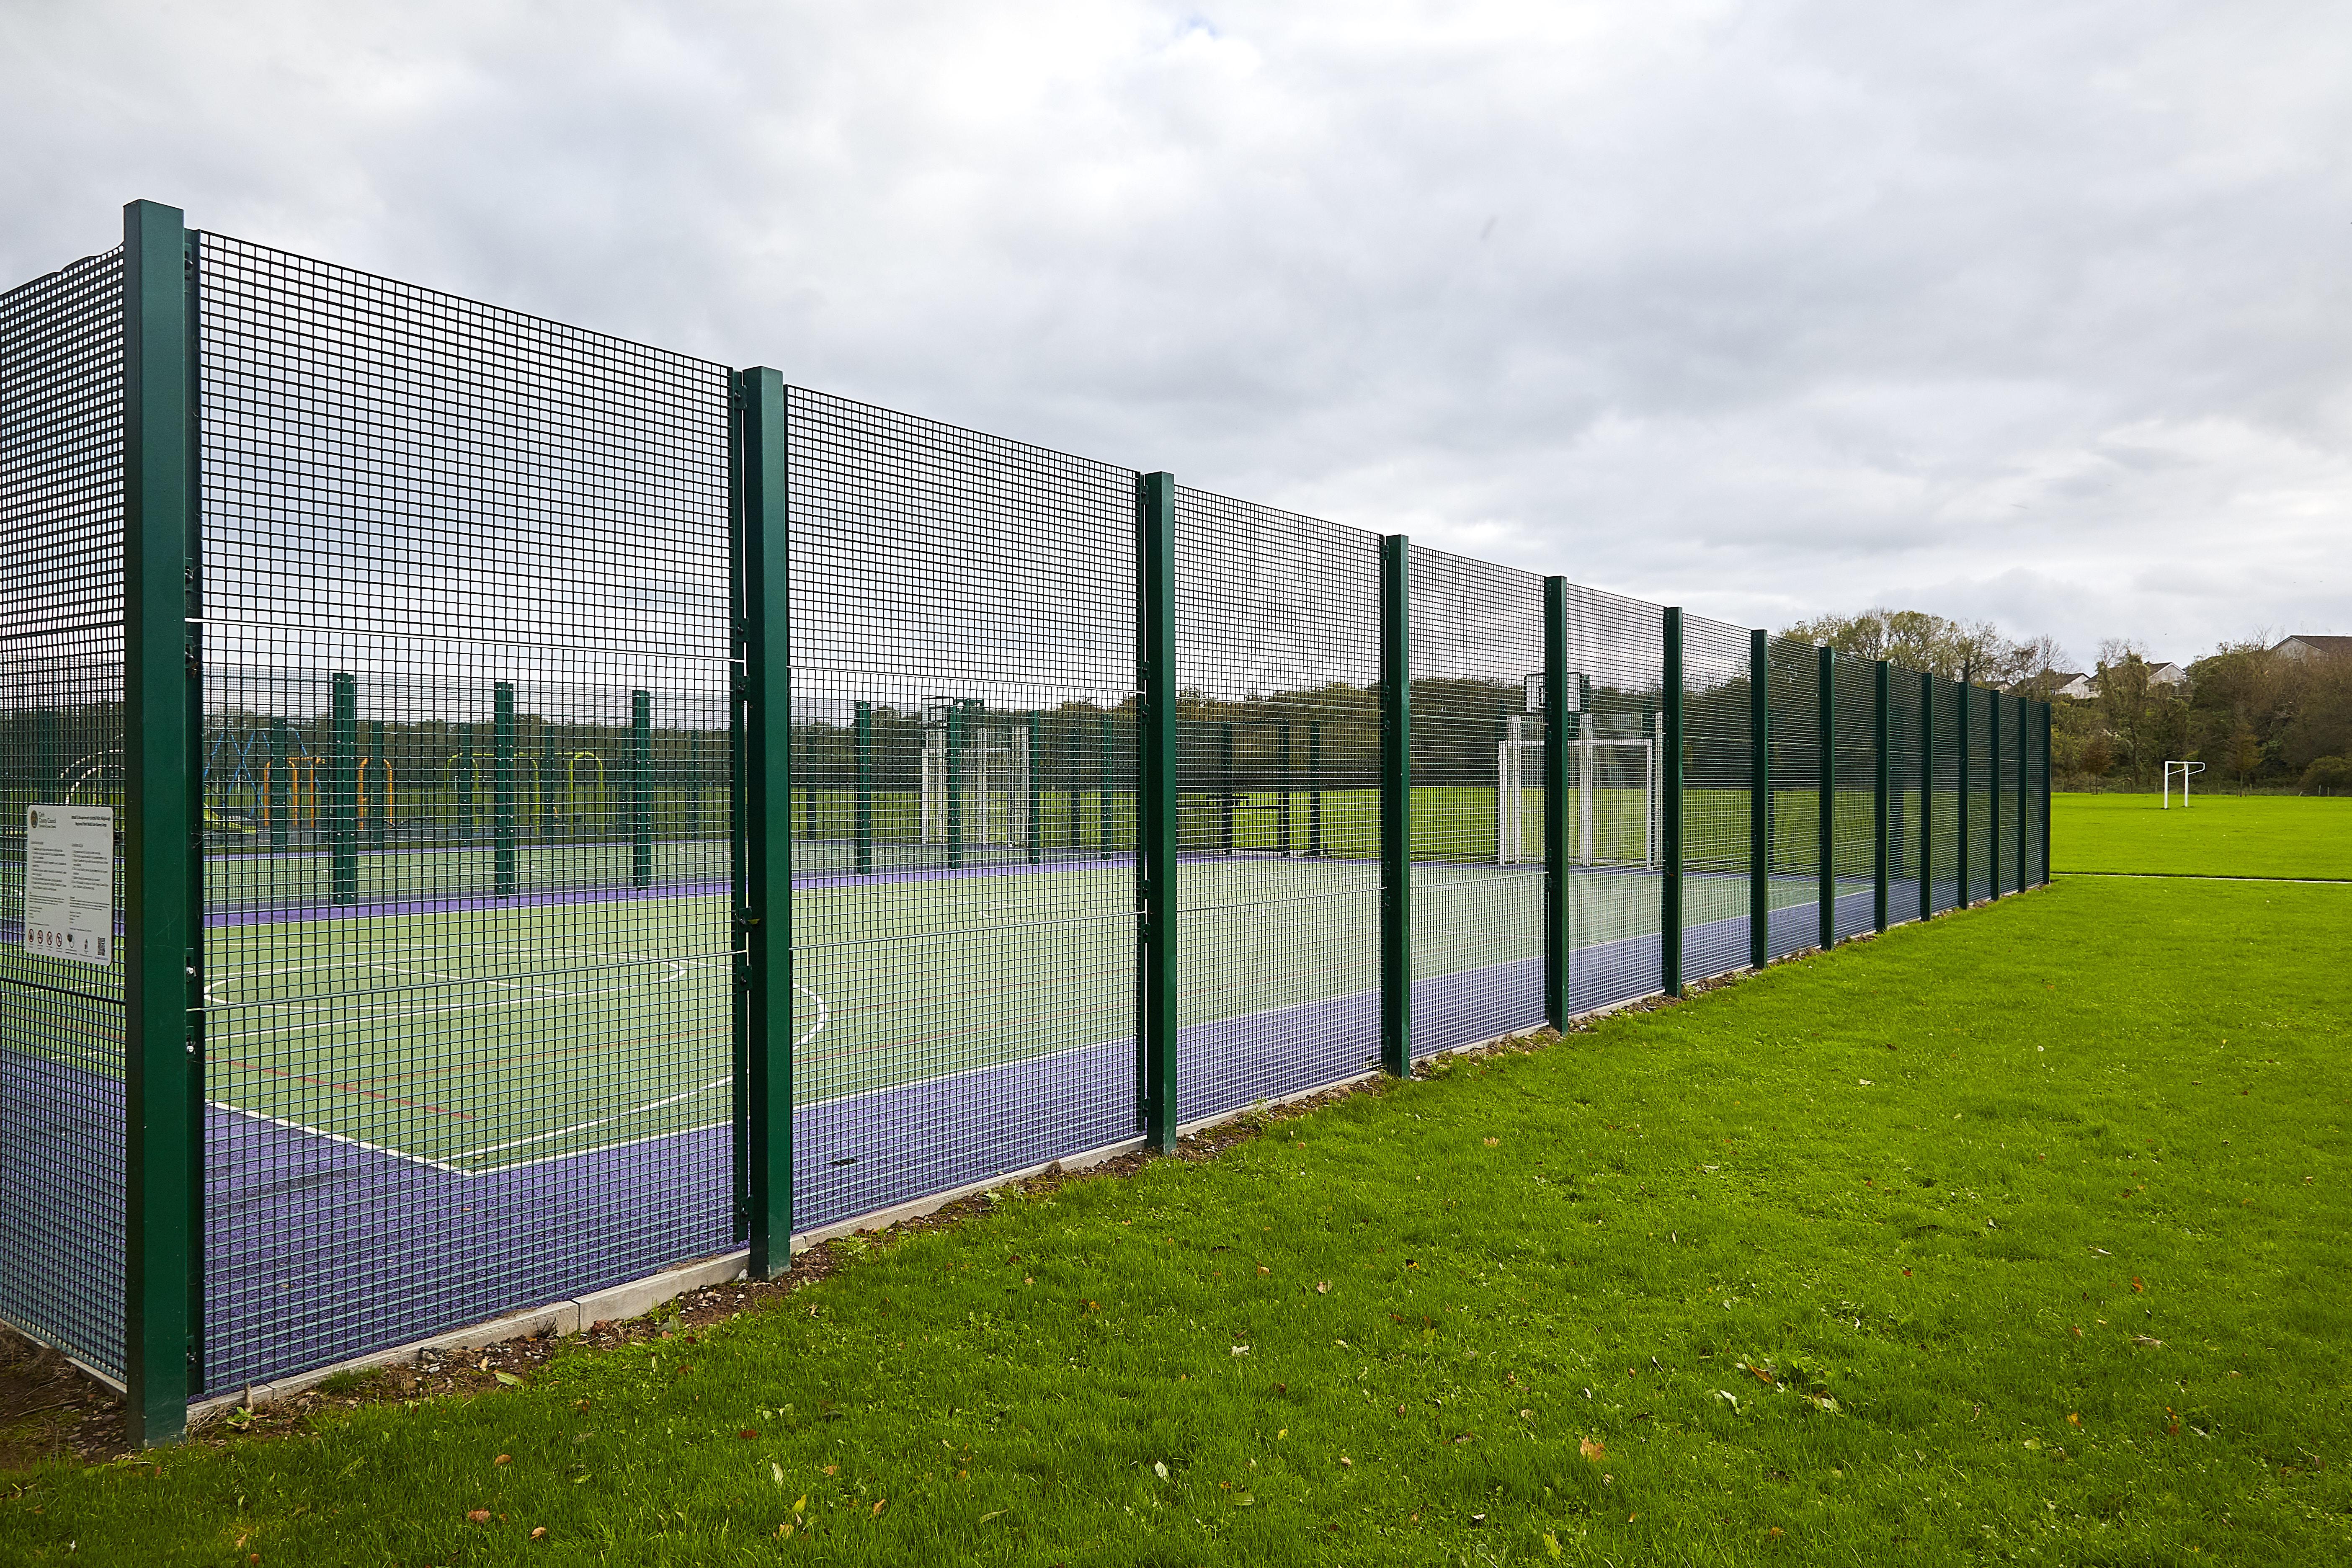 Fencing, mesh fencing, pitch fencing, gaa fencing, security fencing, perimeter fencing, daniel whelan fencing, mesh fencing supplier., fencing ireland